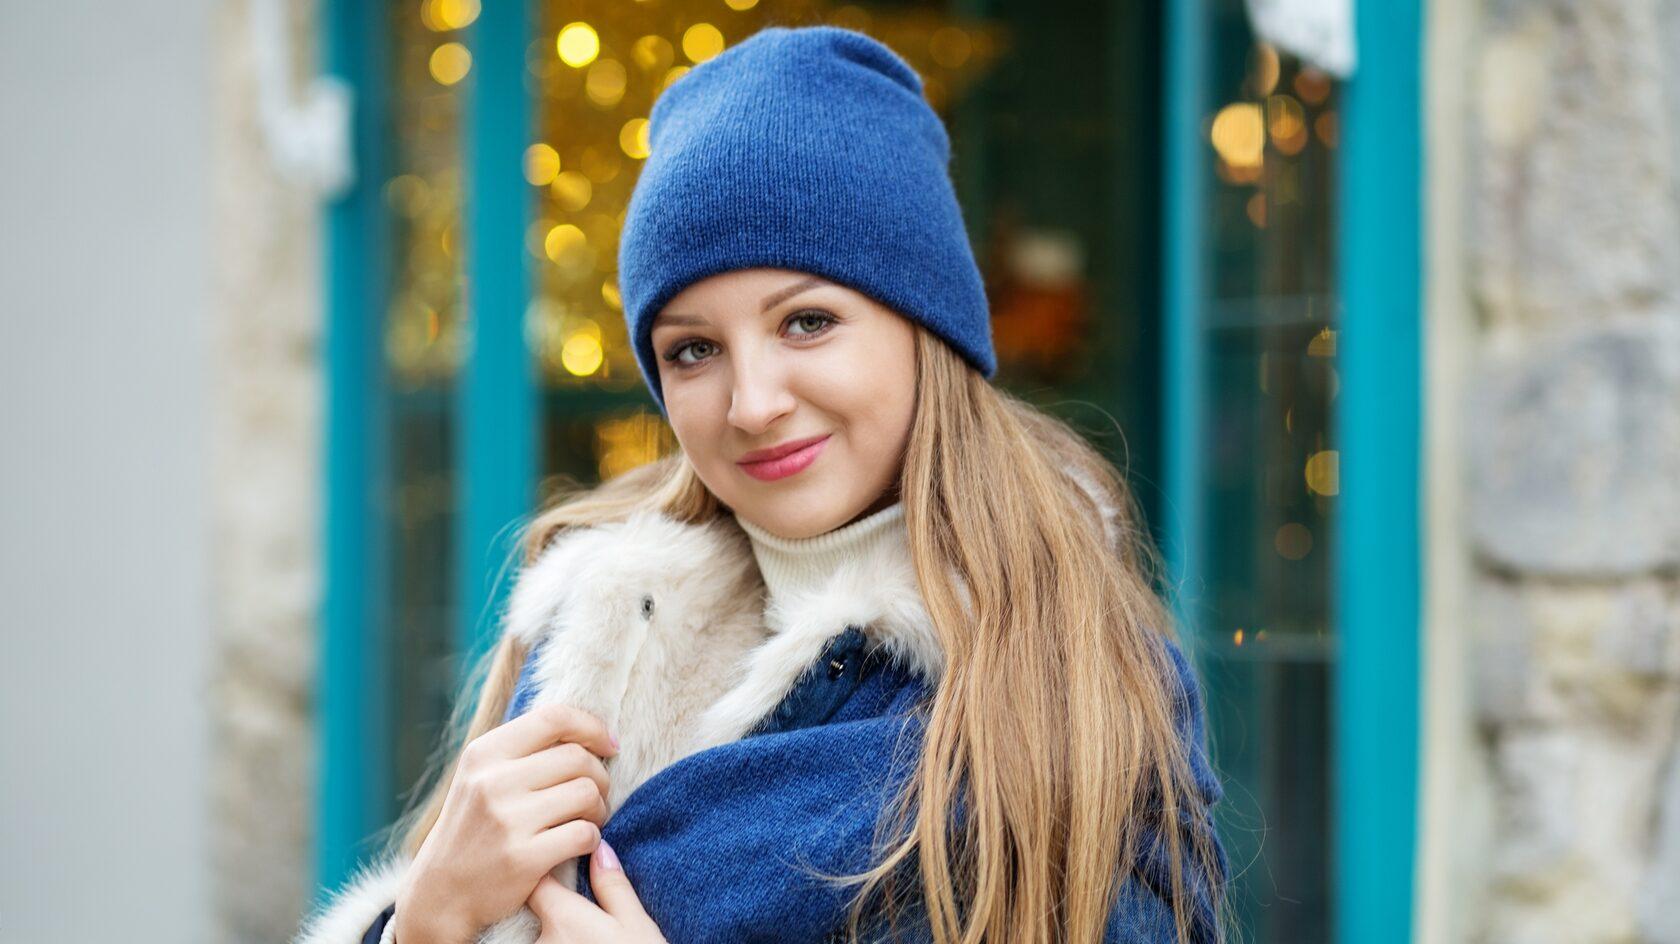 Специалисты MAG Studio советуют носить головные уборы в холодное время года, чтобы защитить волосы и сохранить их сияние.